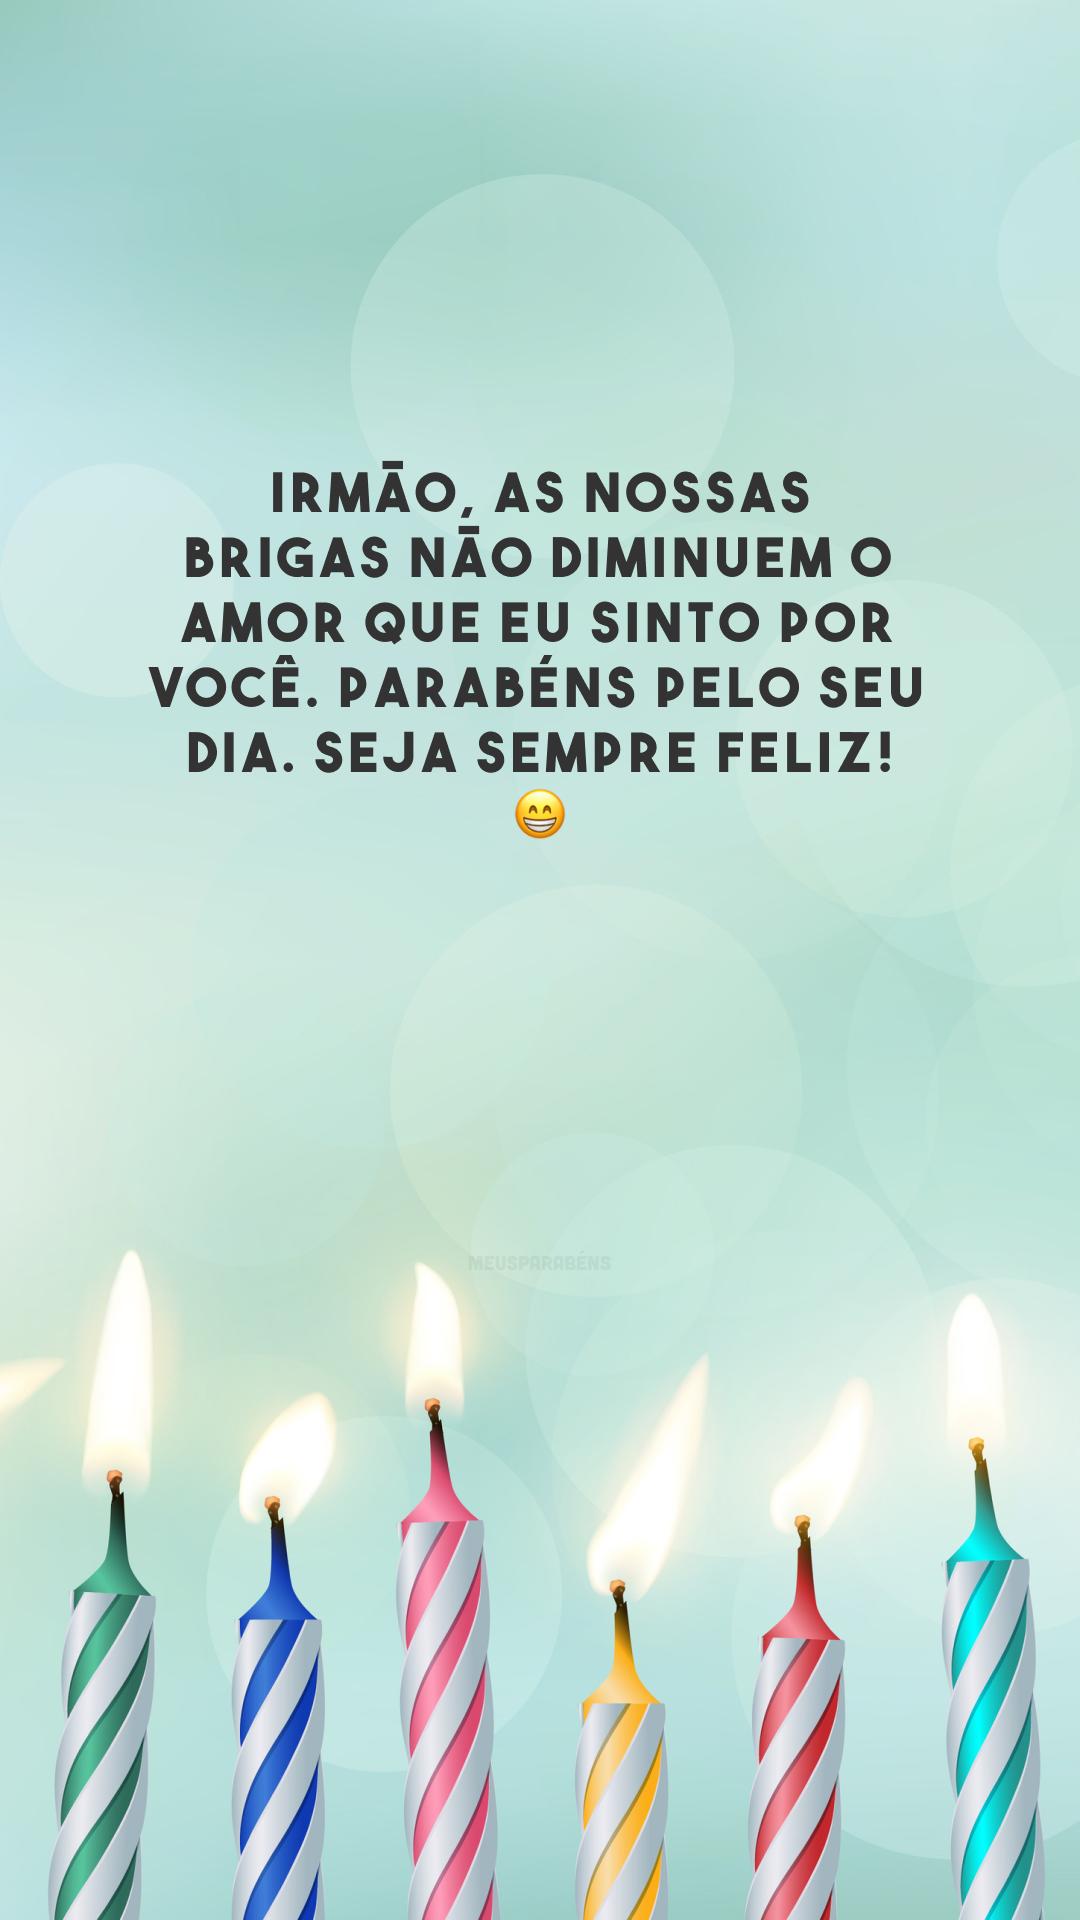 Irmão, as nossas brigas não diminuem o amor que eu sinto por você. Parabéns pelo seu dia. Seja sempre feliz! 😁